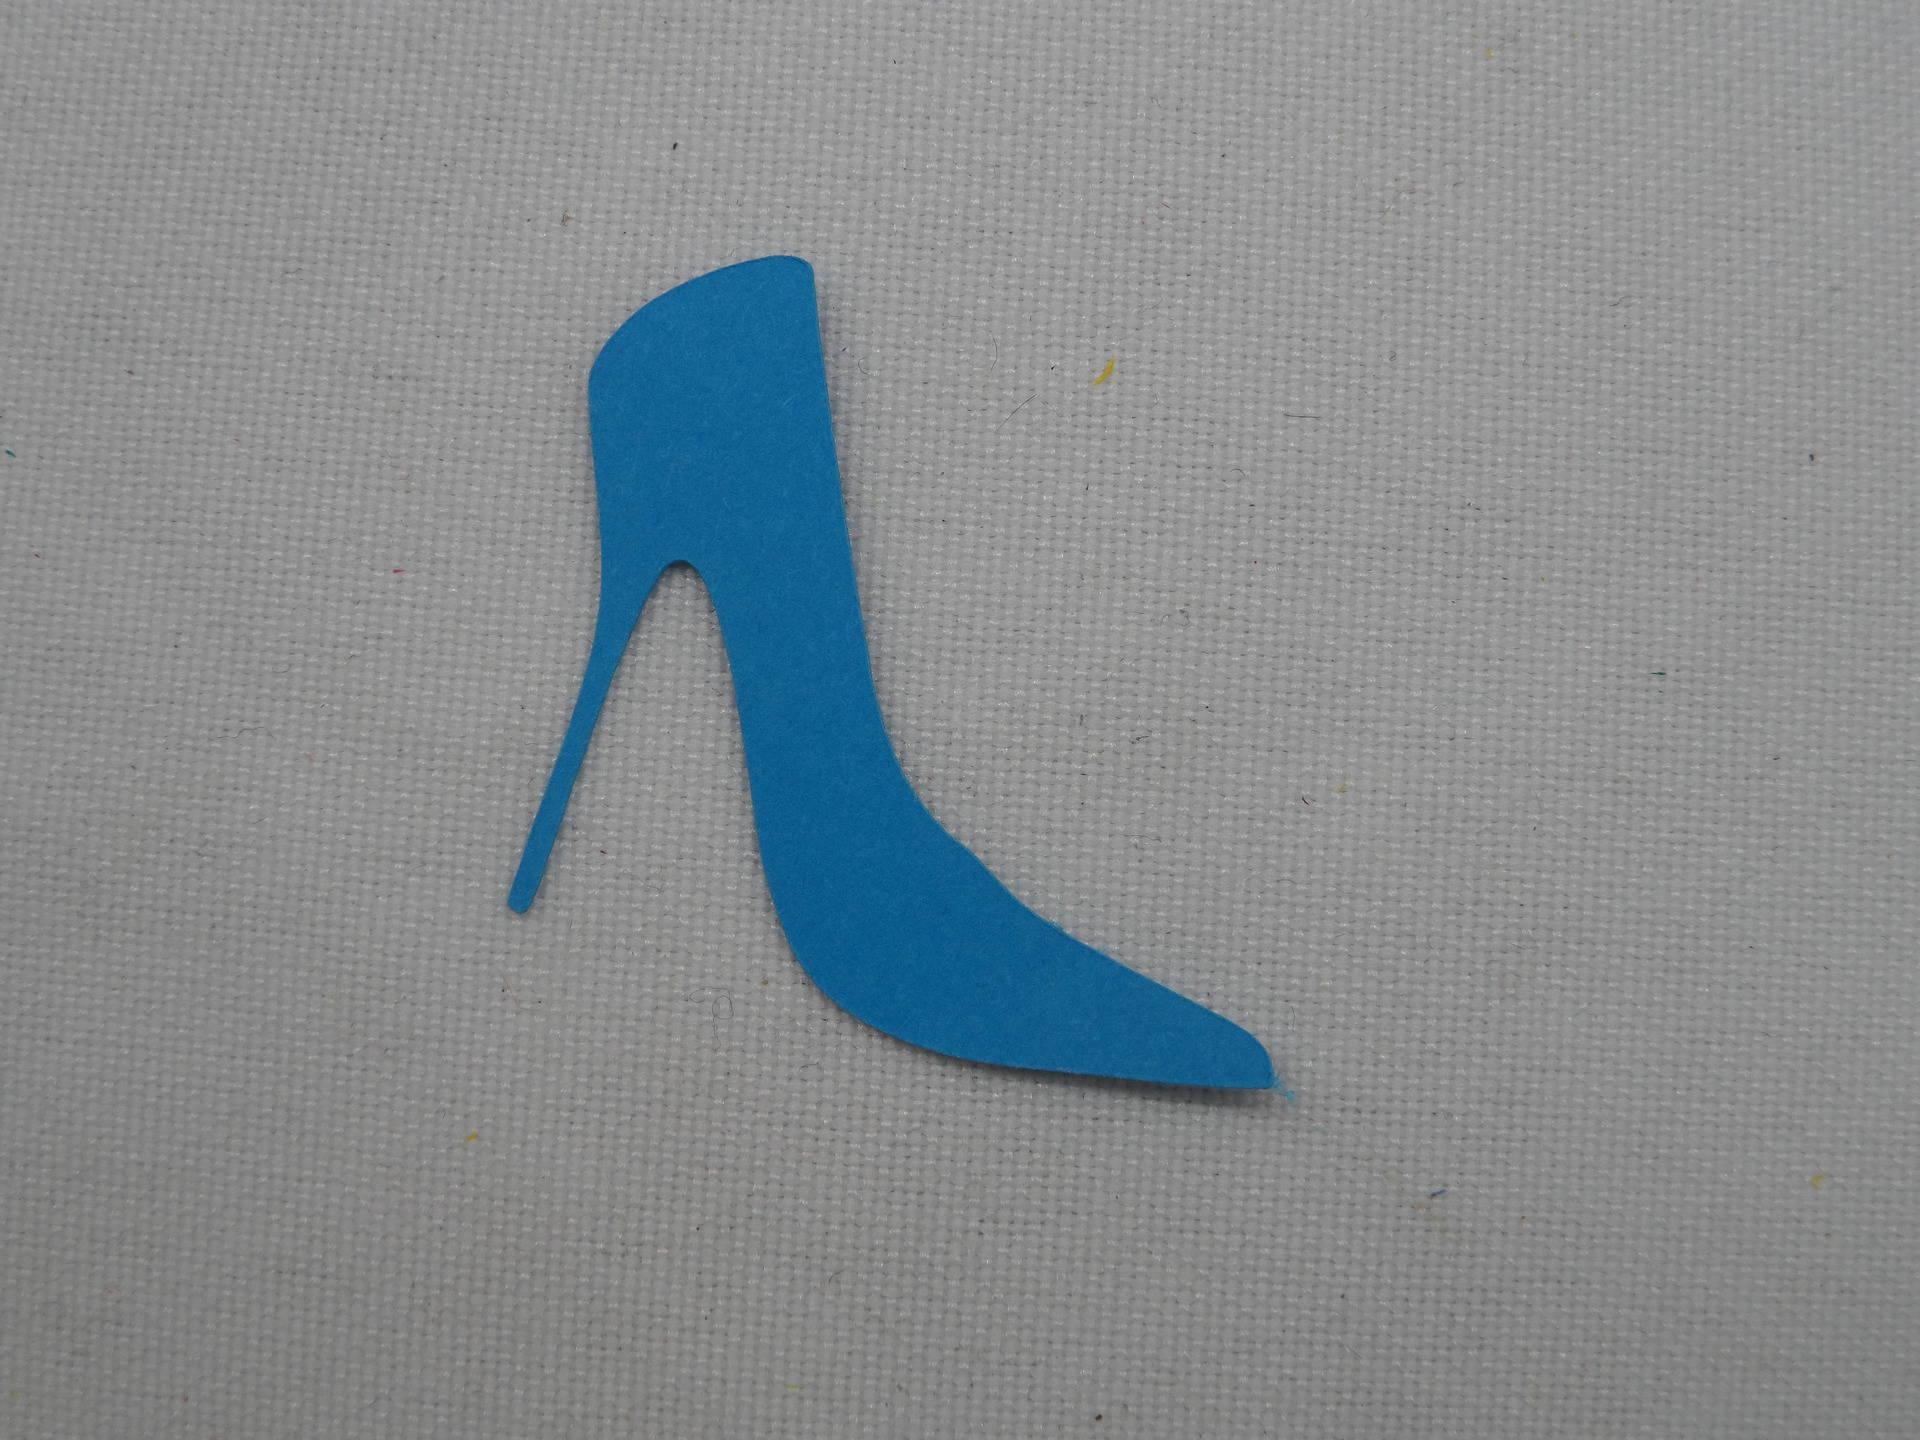 N°147 escarpin talon aiguille en papier bleu turquoise découpage fin